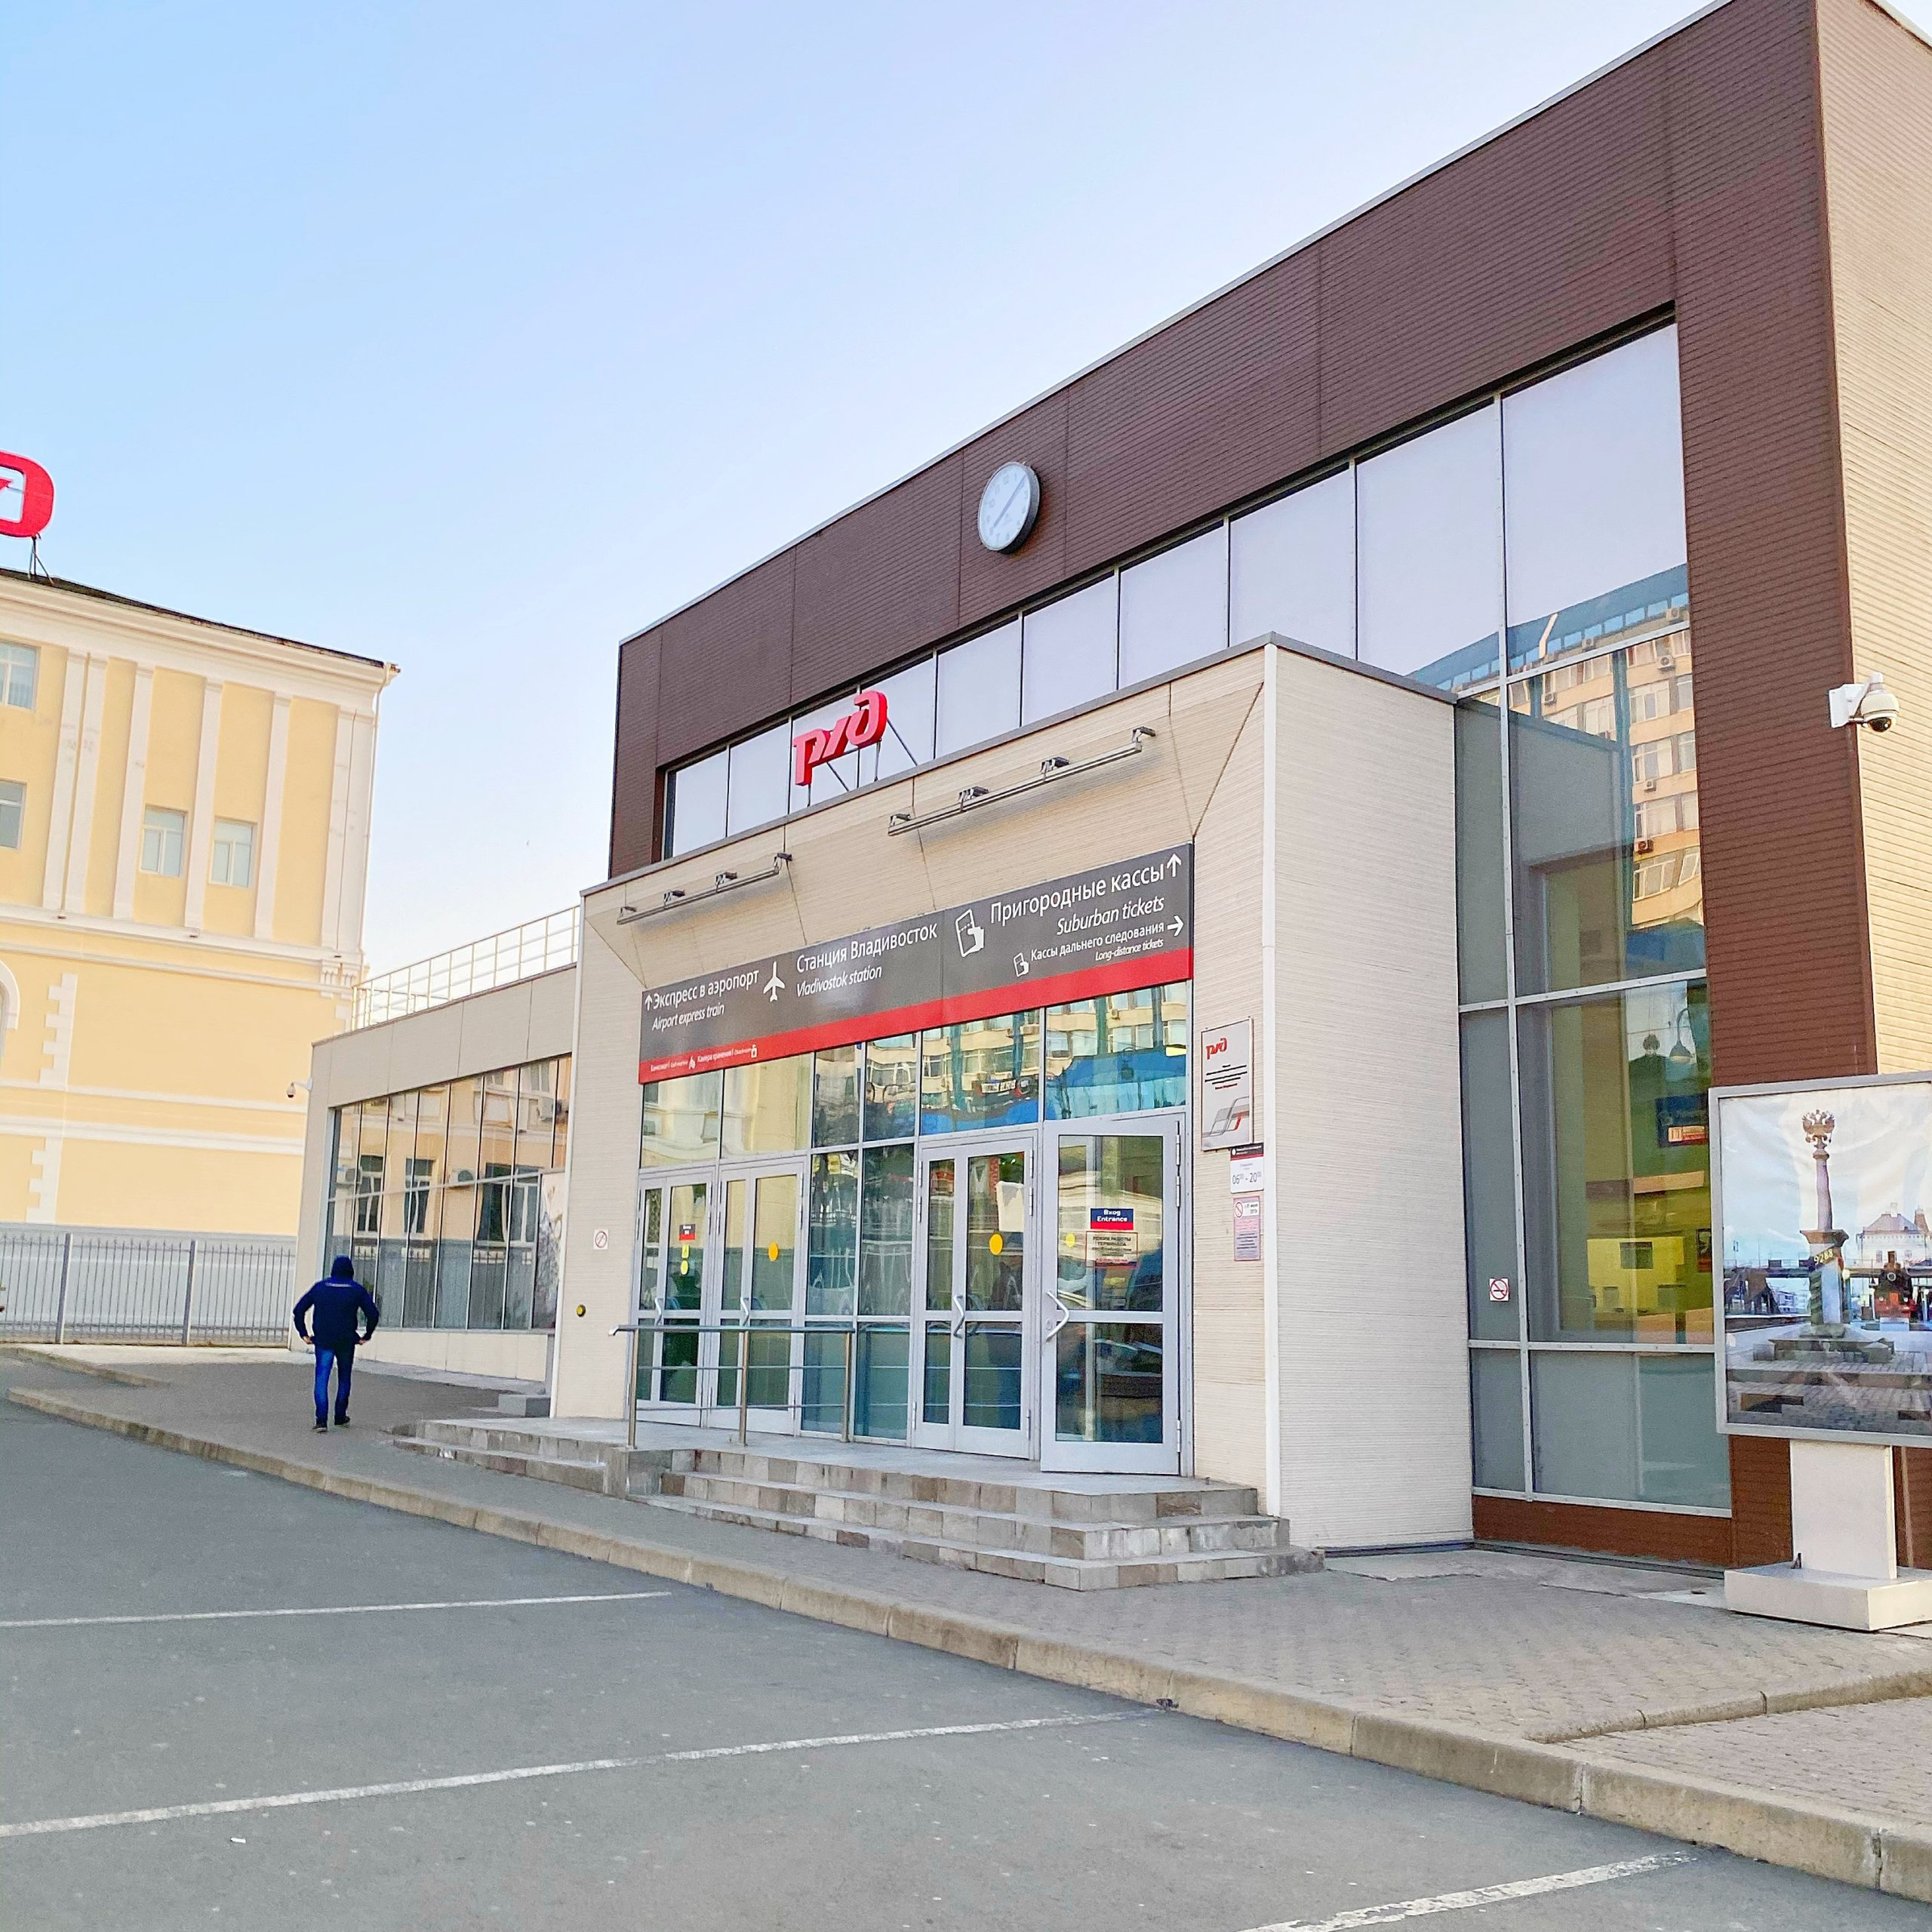 ウラジオストク空港に行く電車のチケットを売っている場所